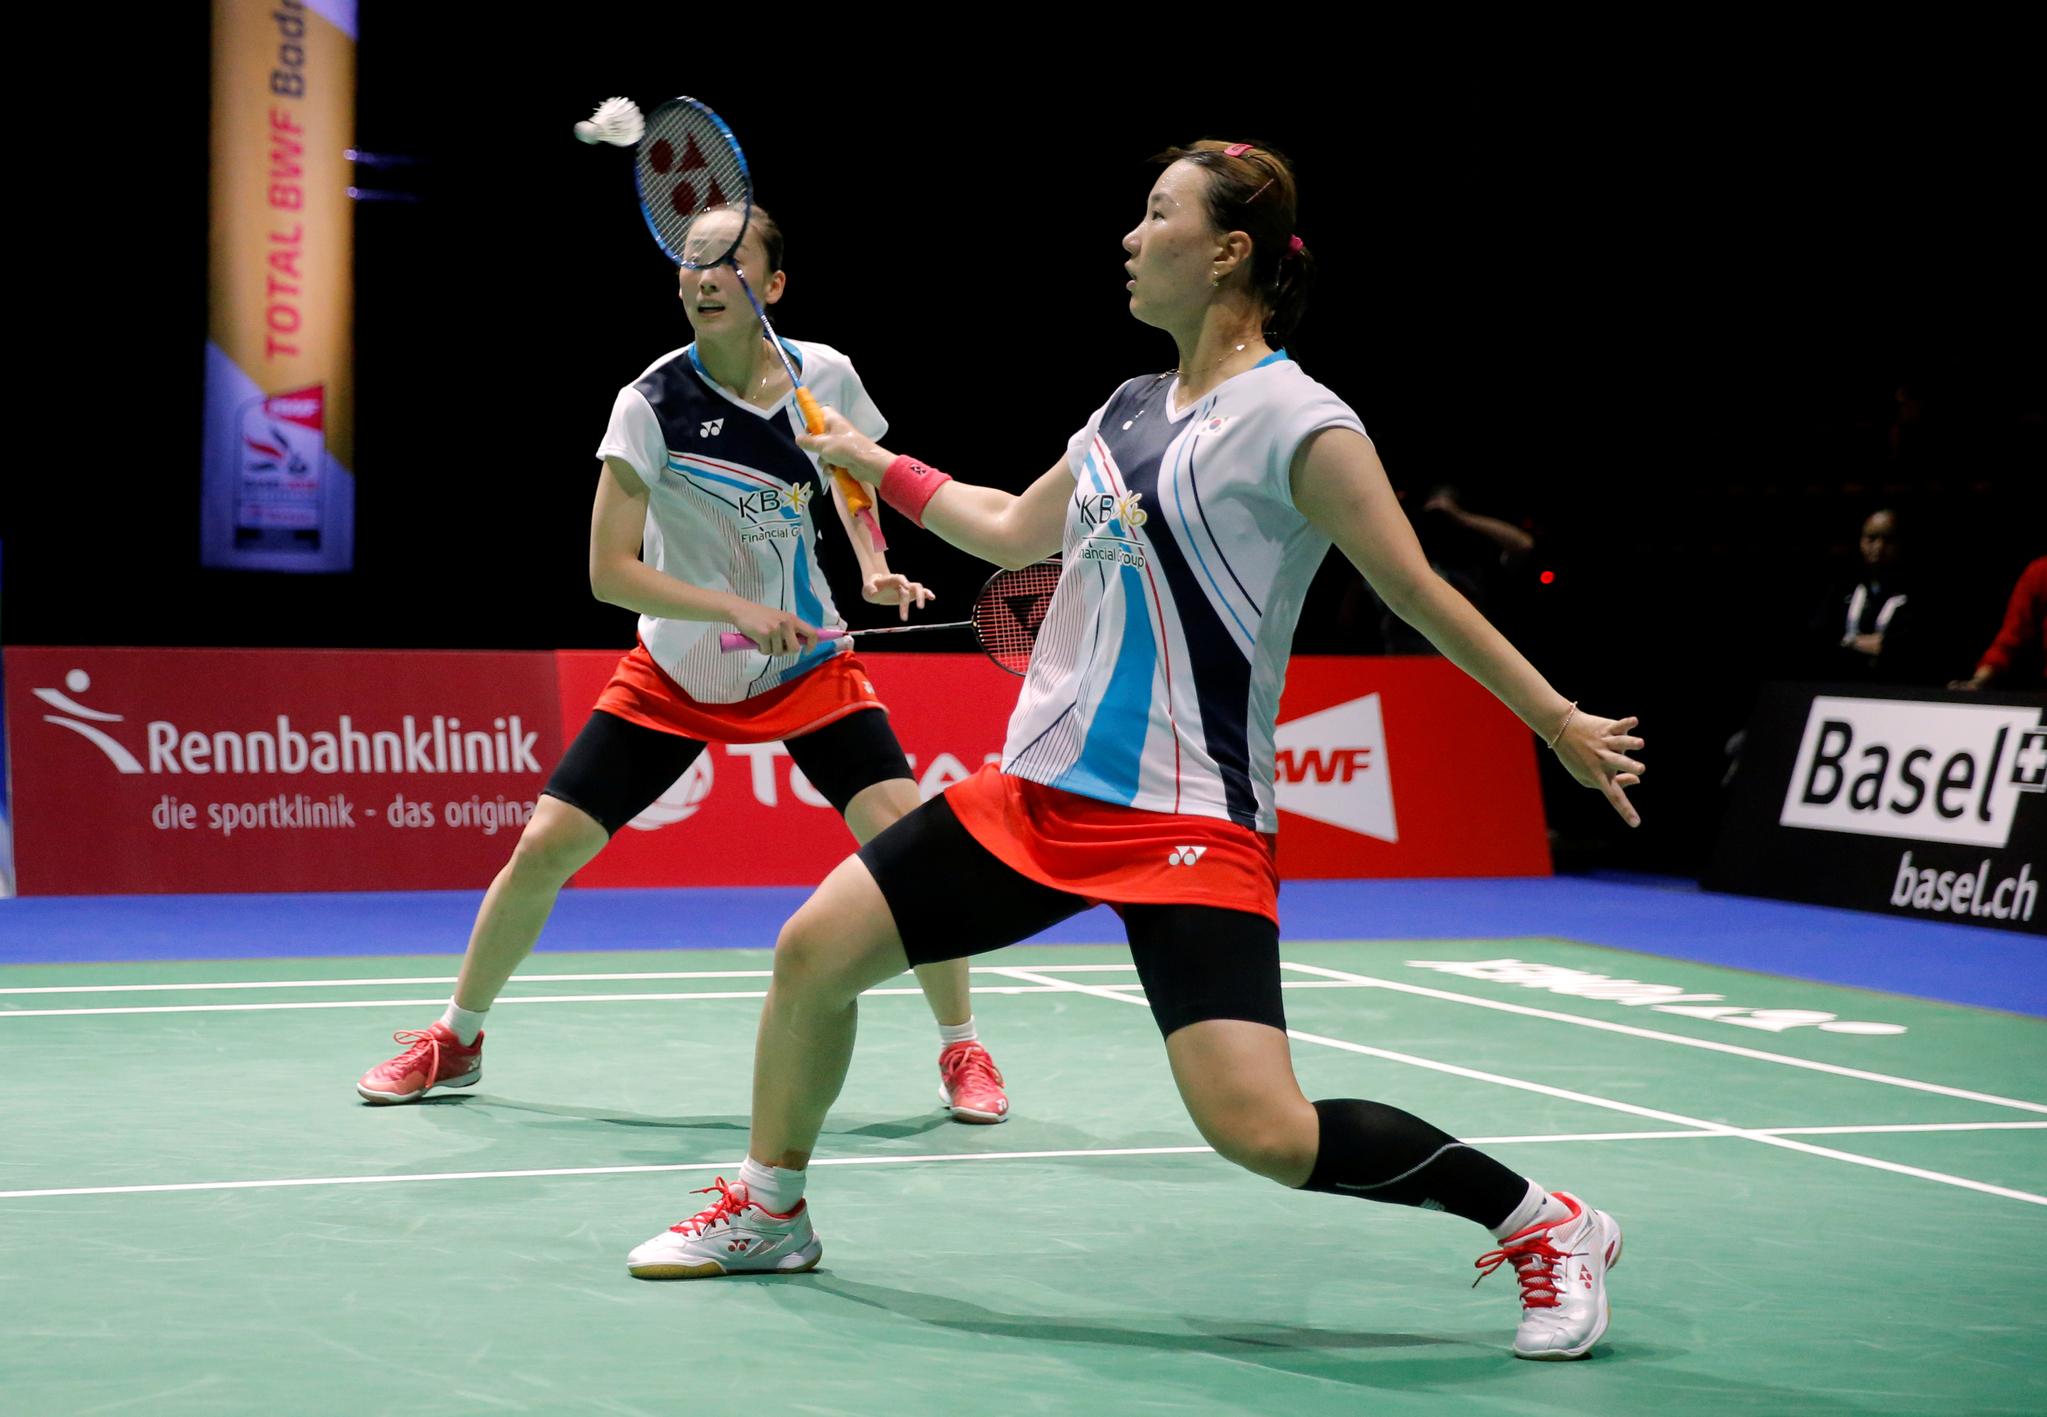 한국 배드민턴은 지난달 스위스에서 열린 세계선수권에서 2년 연속 노메달에 그쳤다.[로이터=연합뉴스]